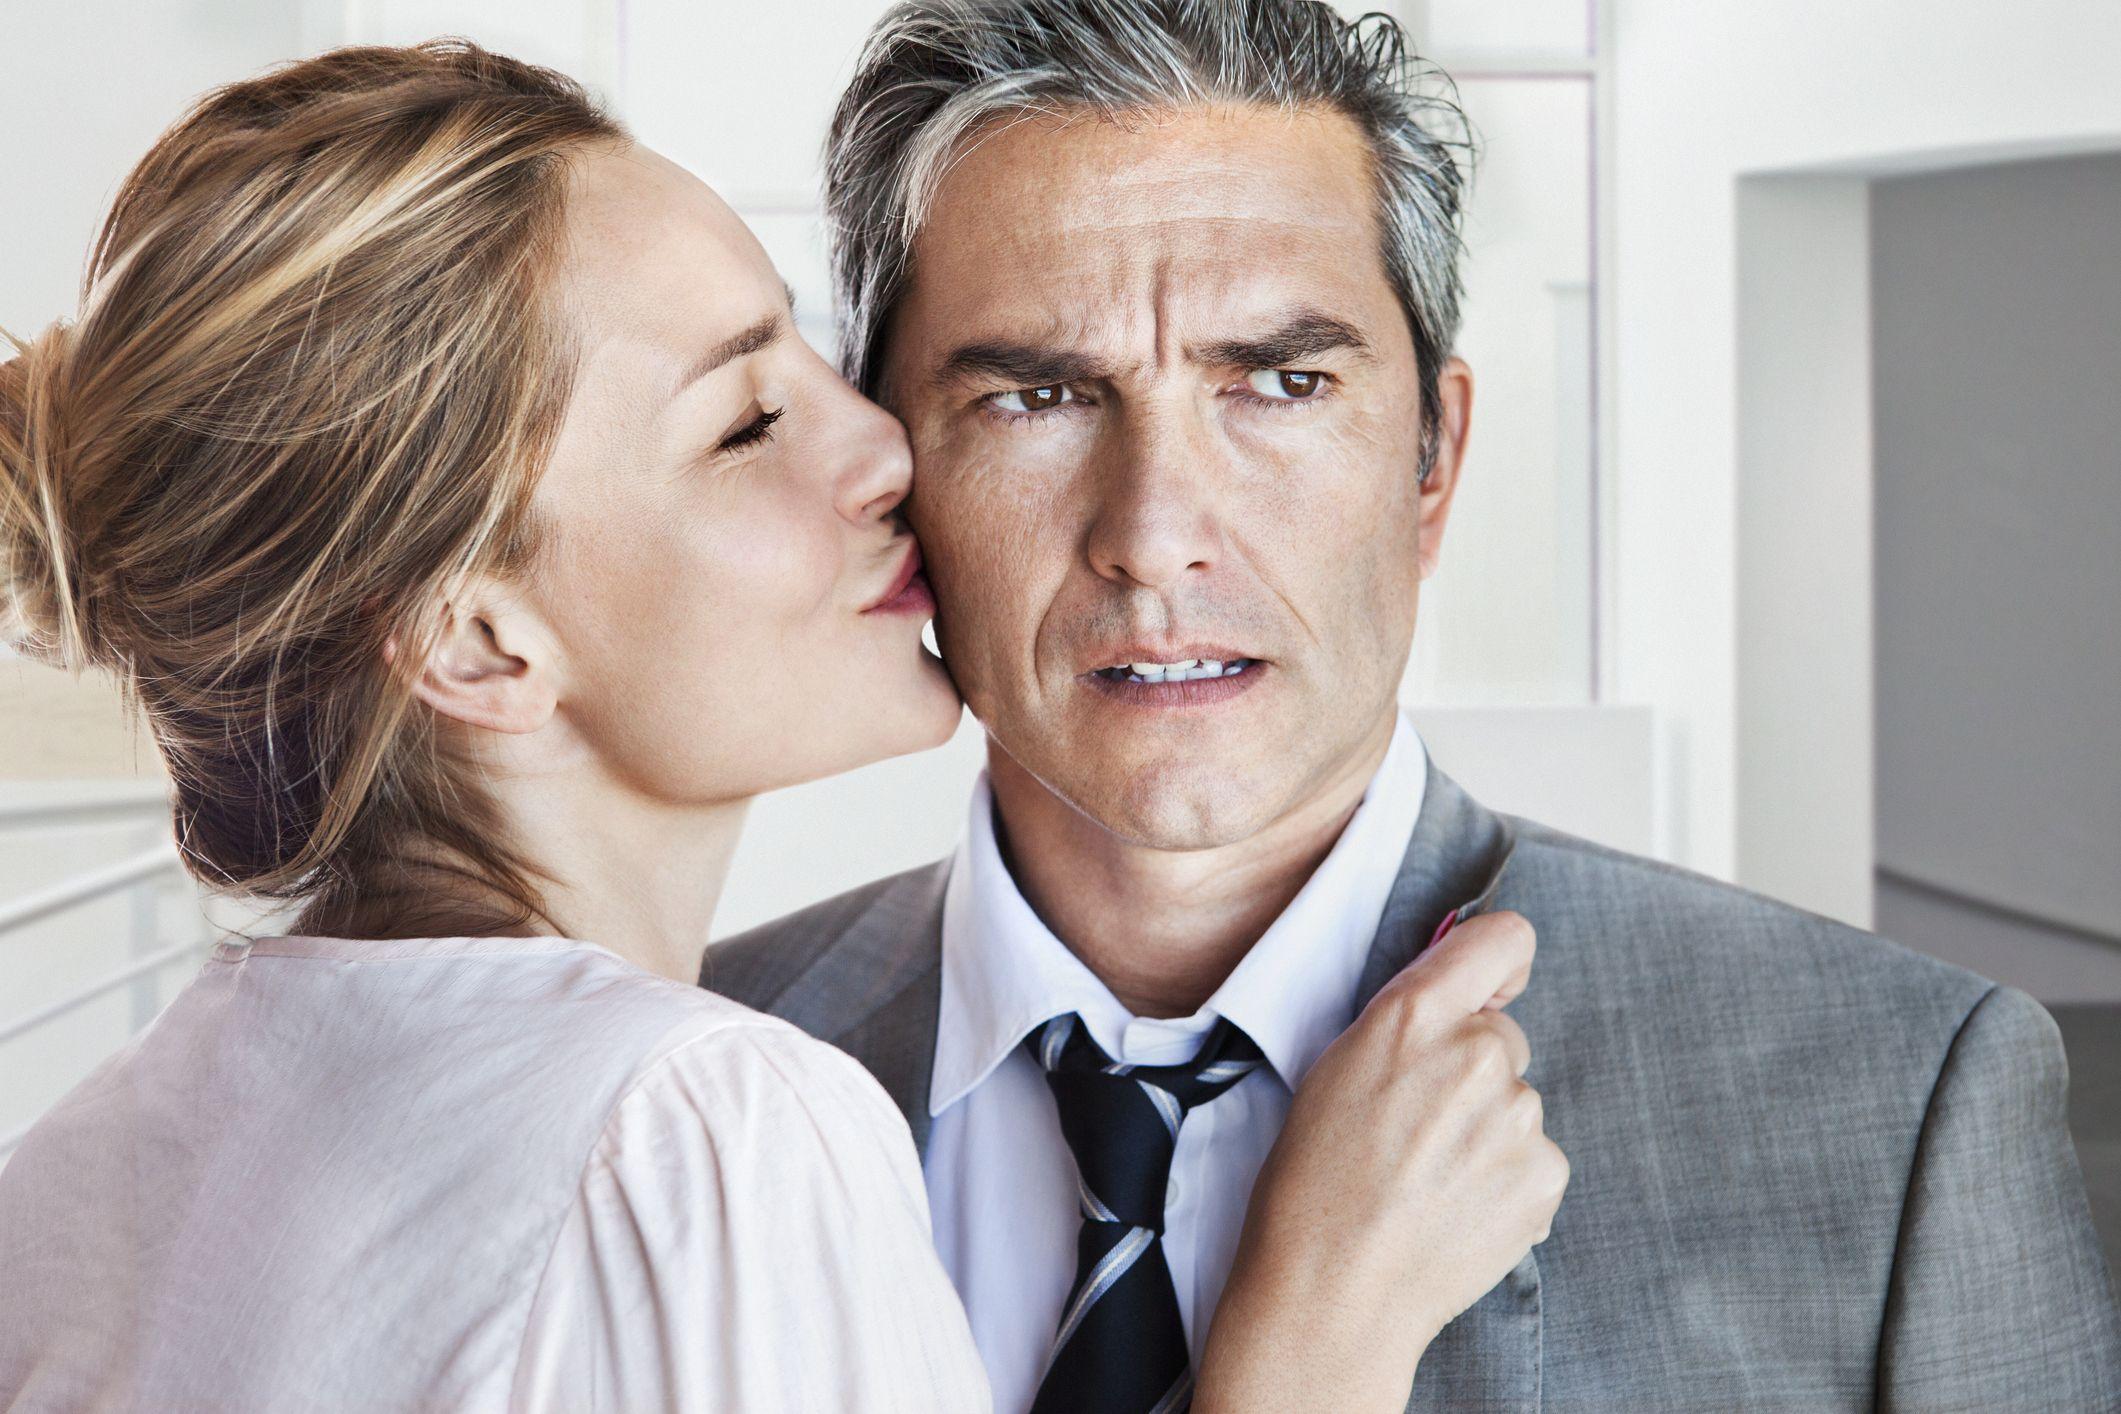 un uomo può avere figli senza prostata?